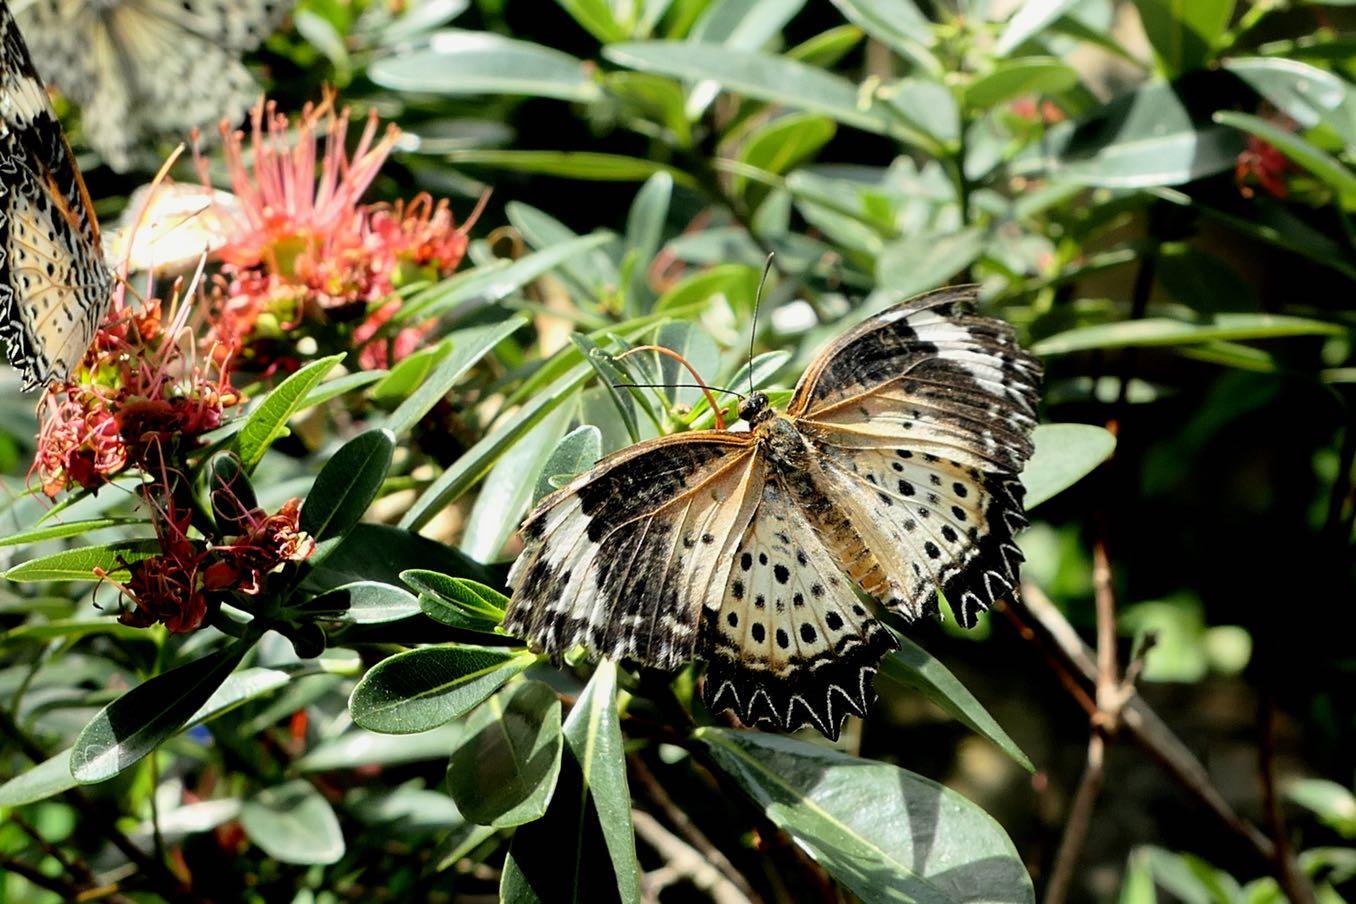 質素な色のタテハチョウ